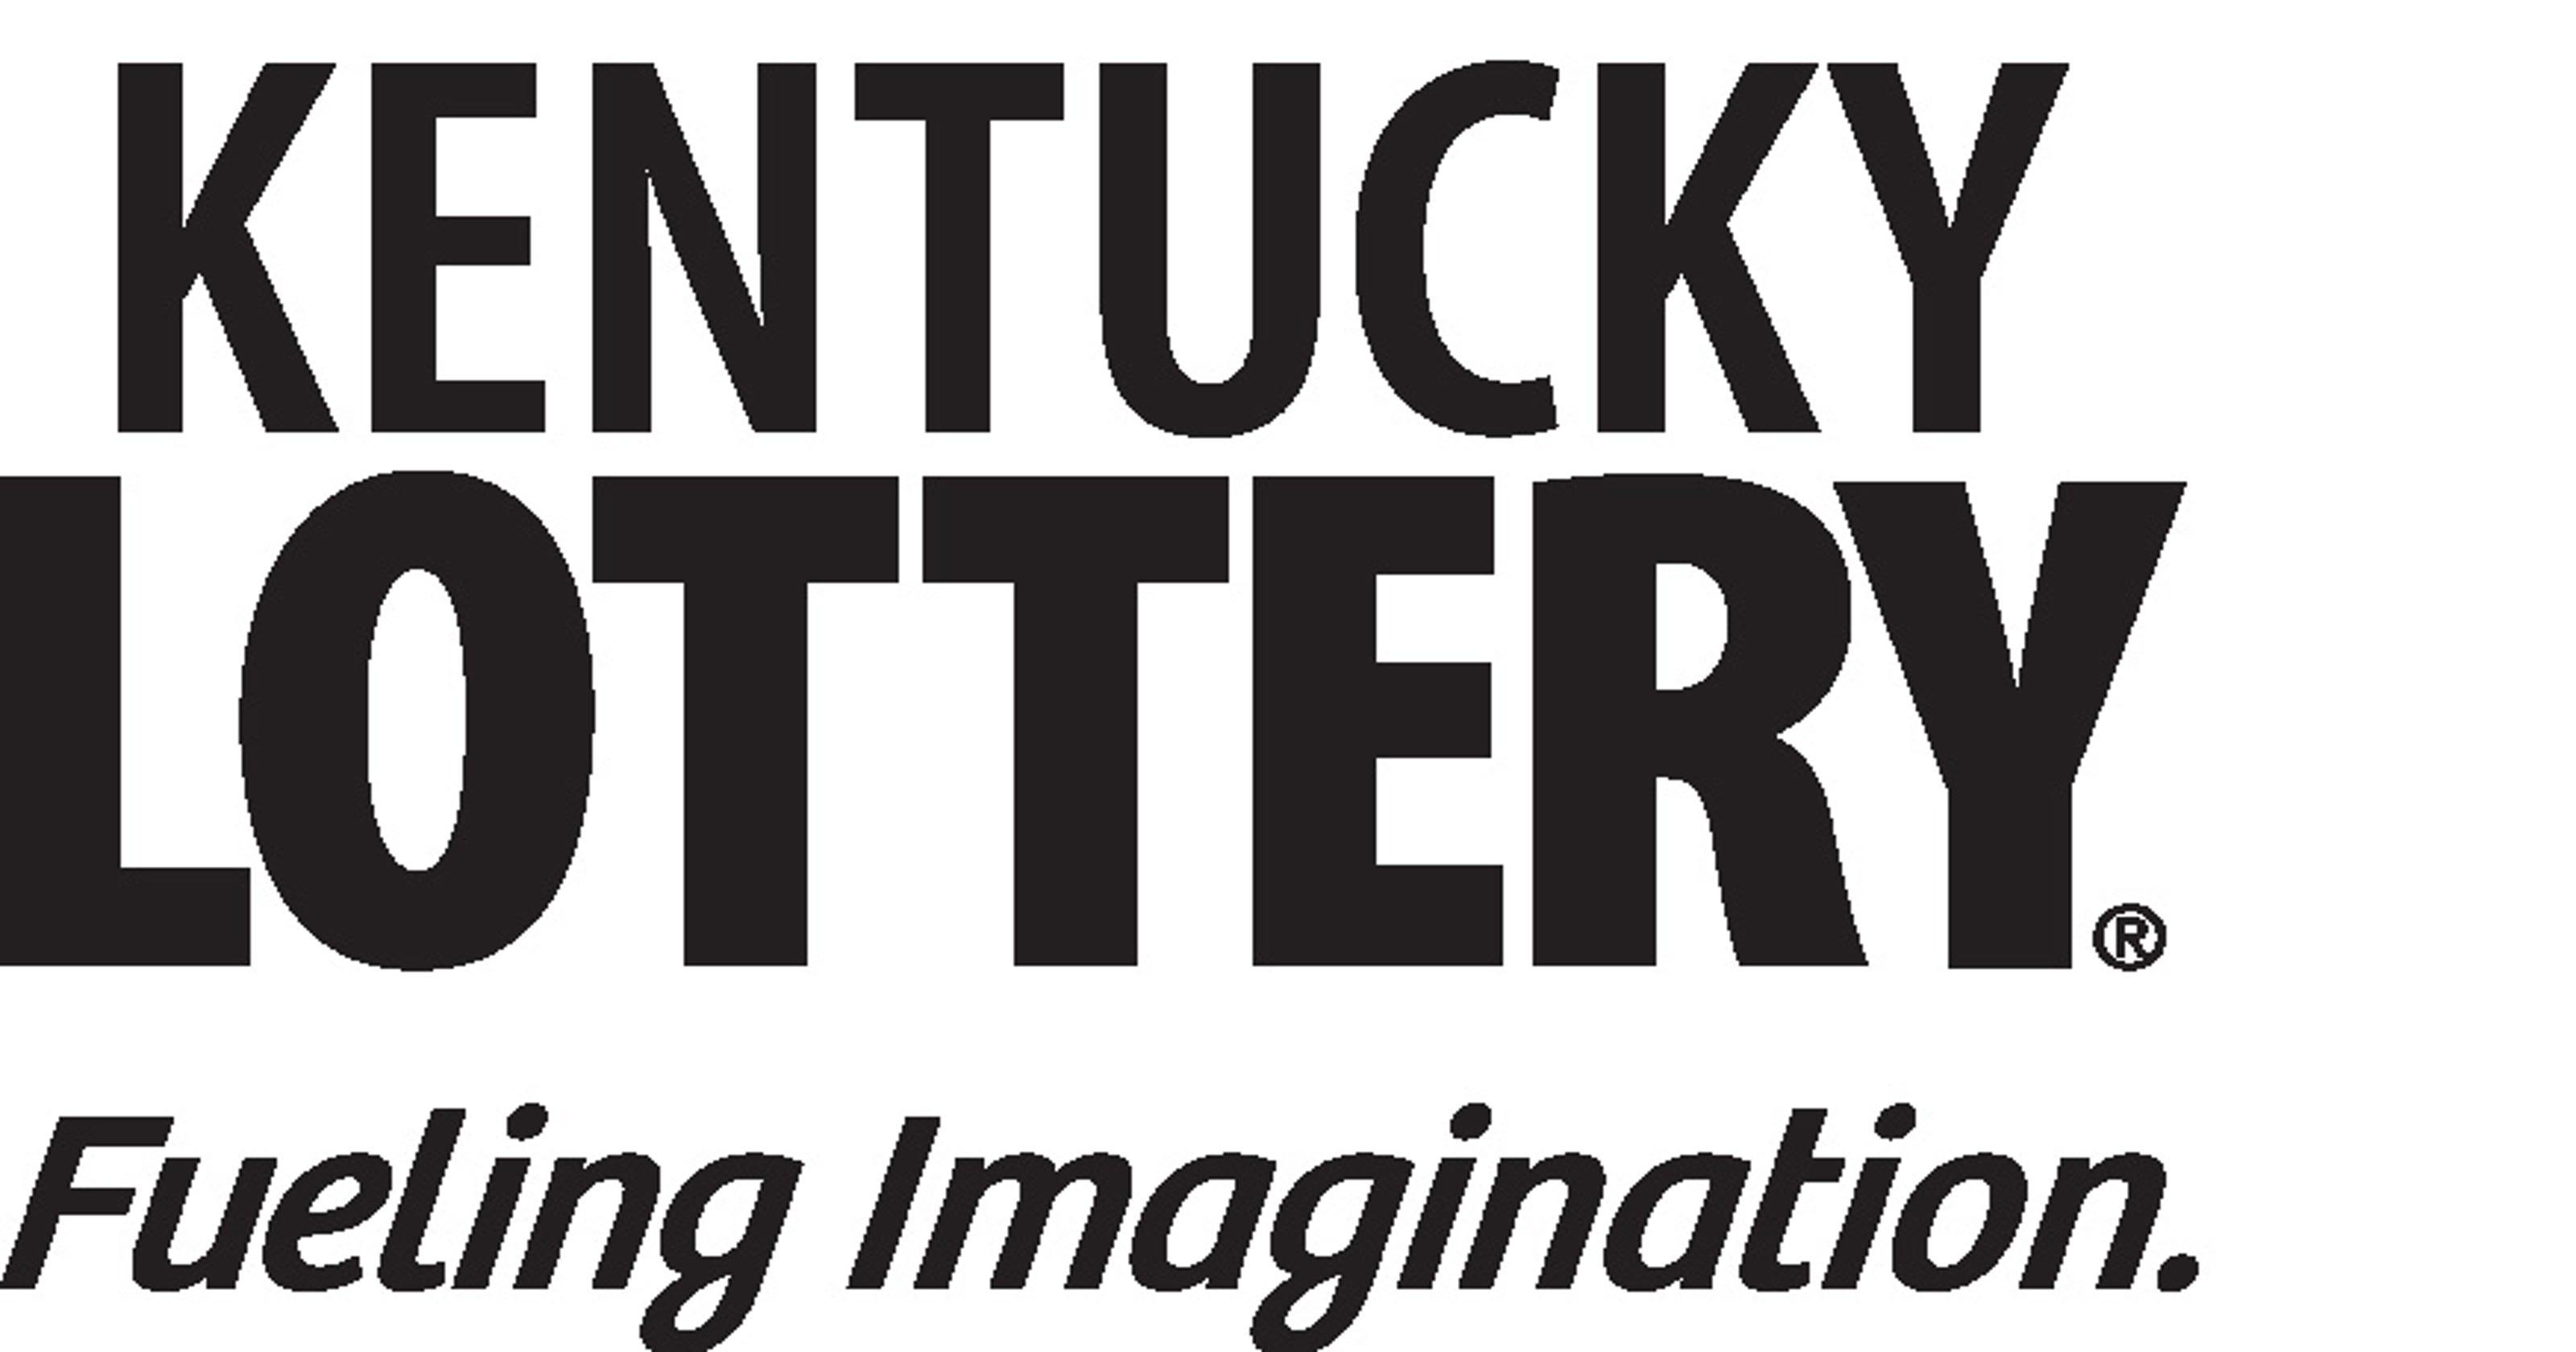 Kentucky Lottery sales surpass $1 billion for first time